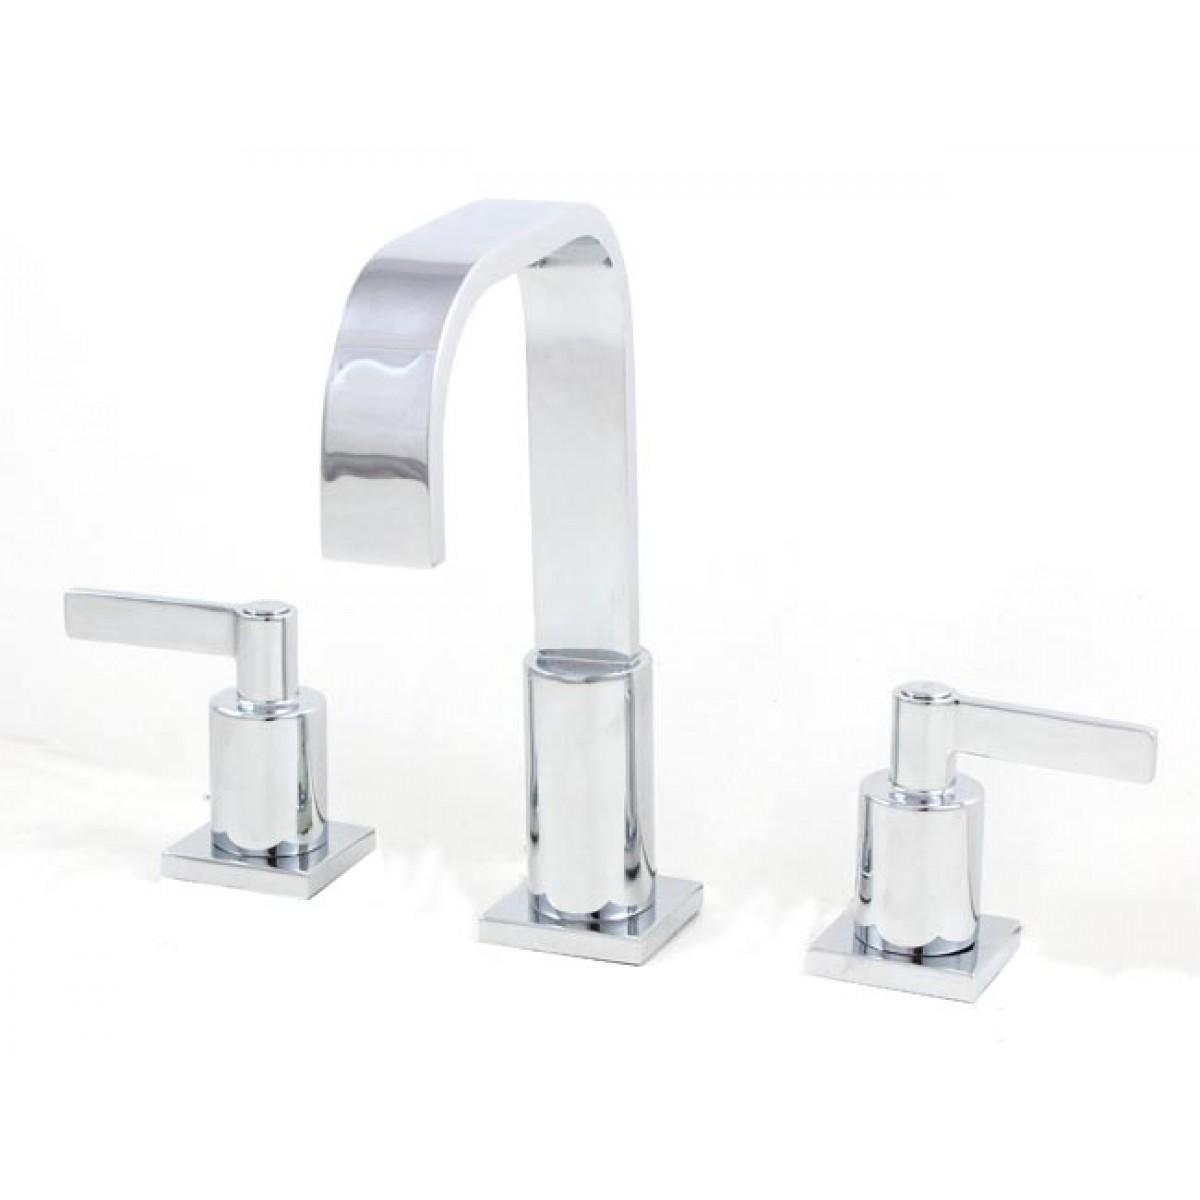 3 Hole Bathroom Faucet widespread lead free 3 hole bathroom faucet polished chrome finish